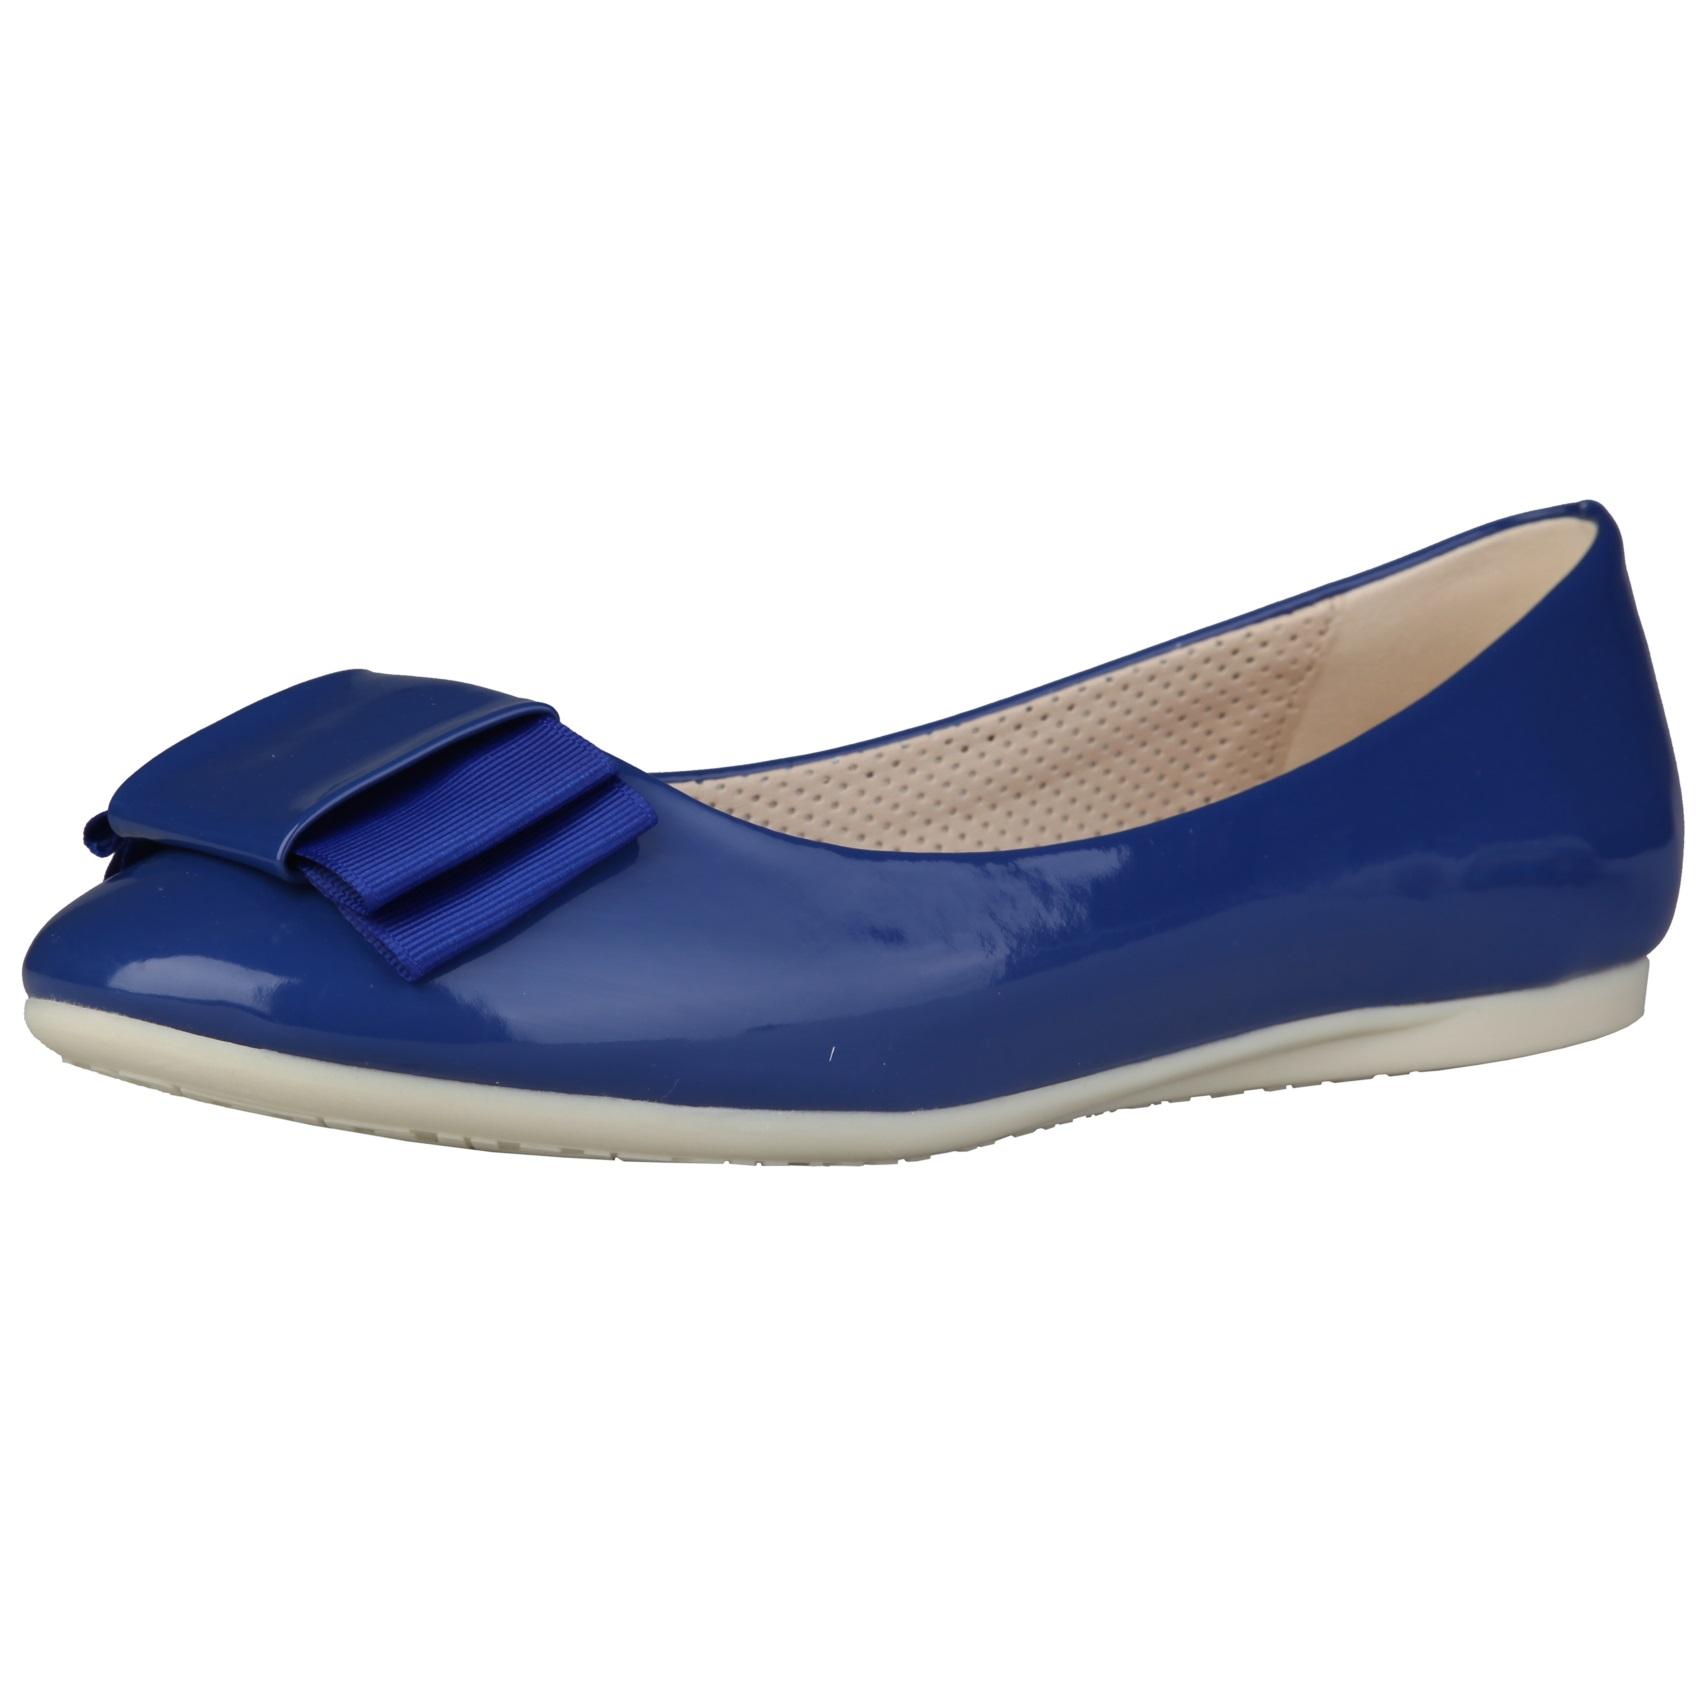 Sofia Loes Flat Shoes Fiocco Cobalto Rf600154